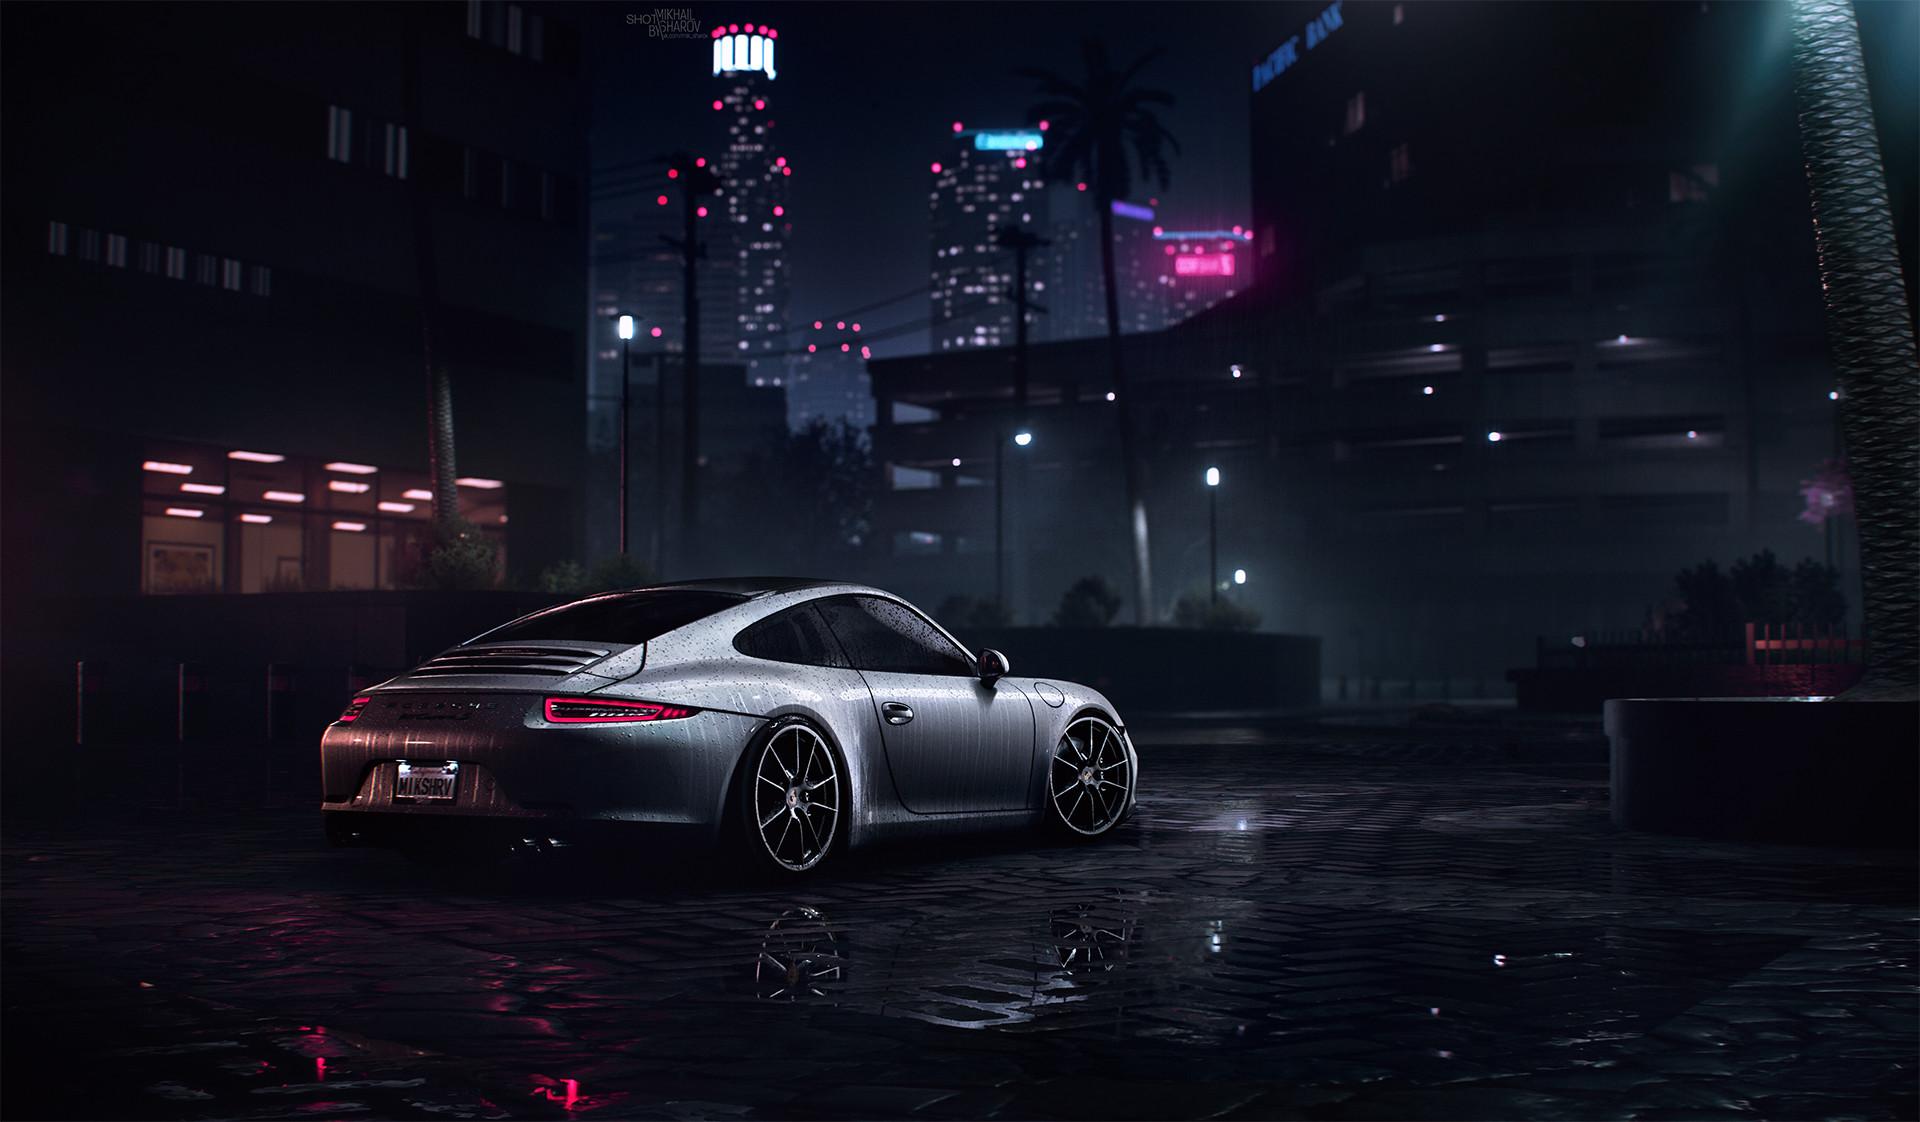 Porsche 911 carrera s need for speed hd cars 4k - Porsche 911 carrera s wallpaper ...